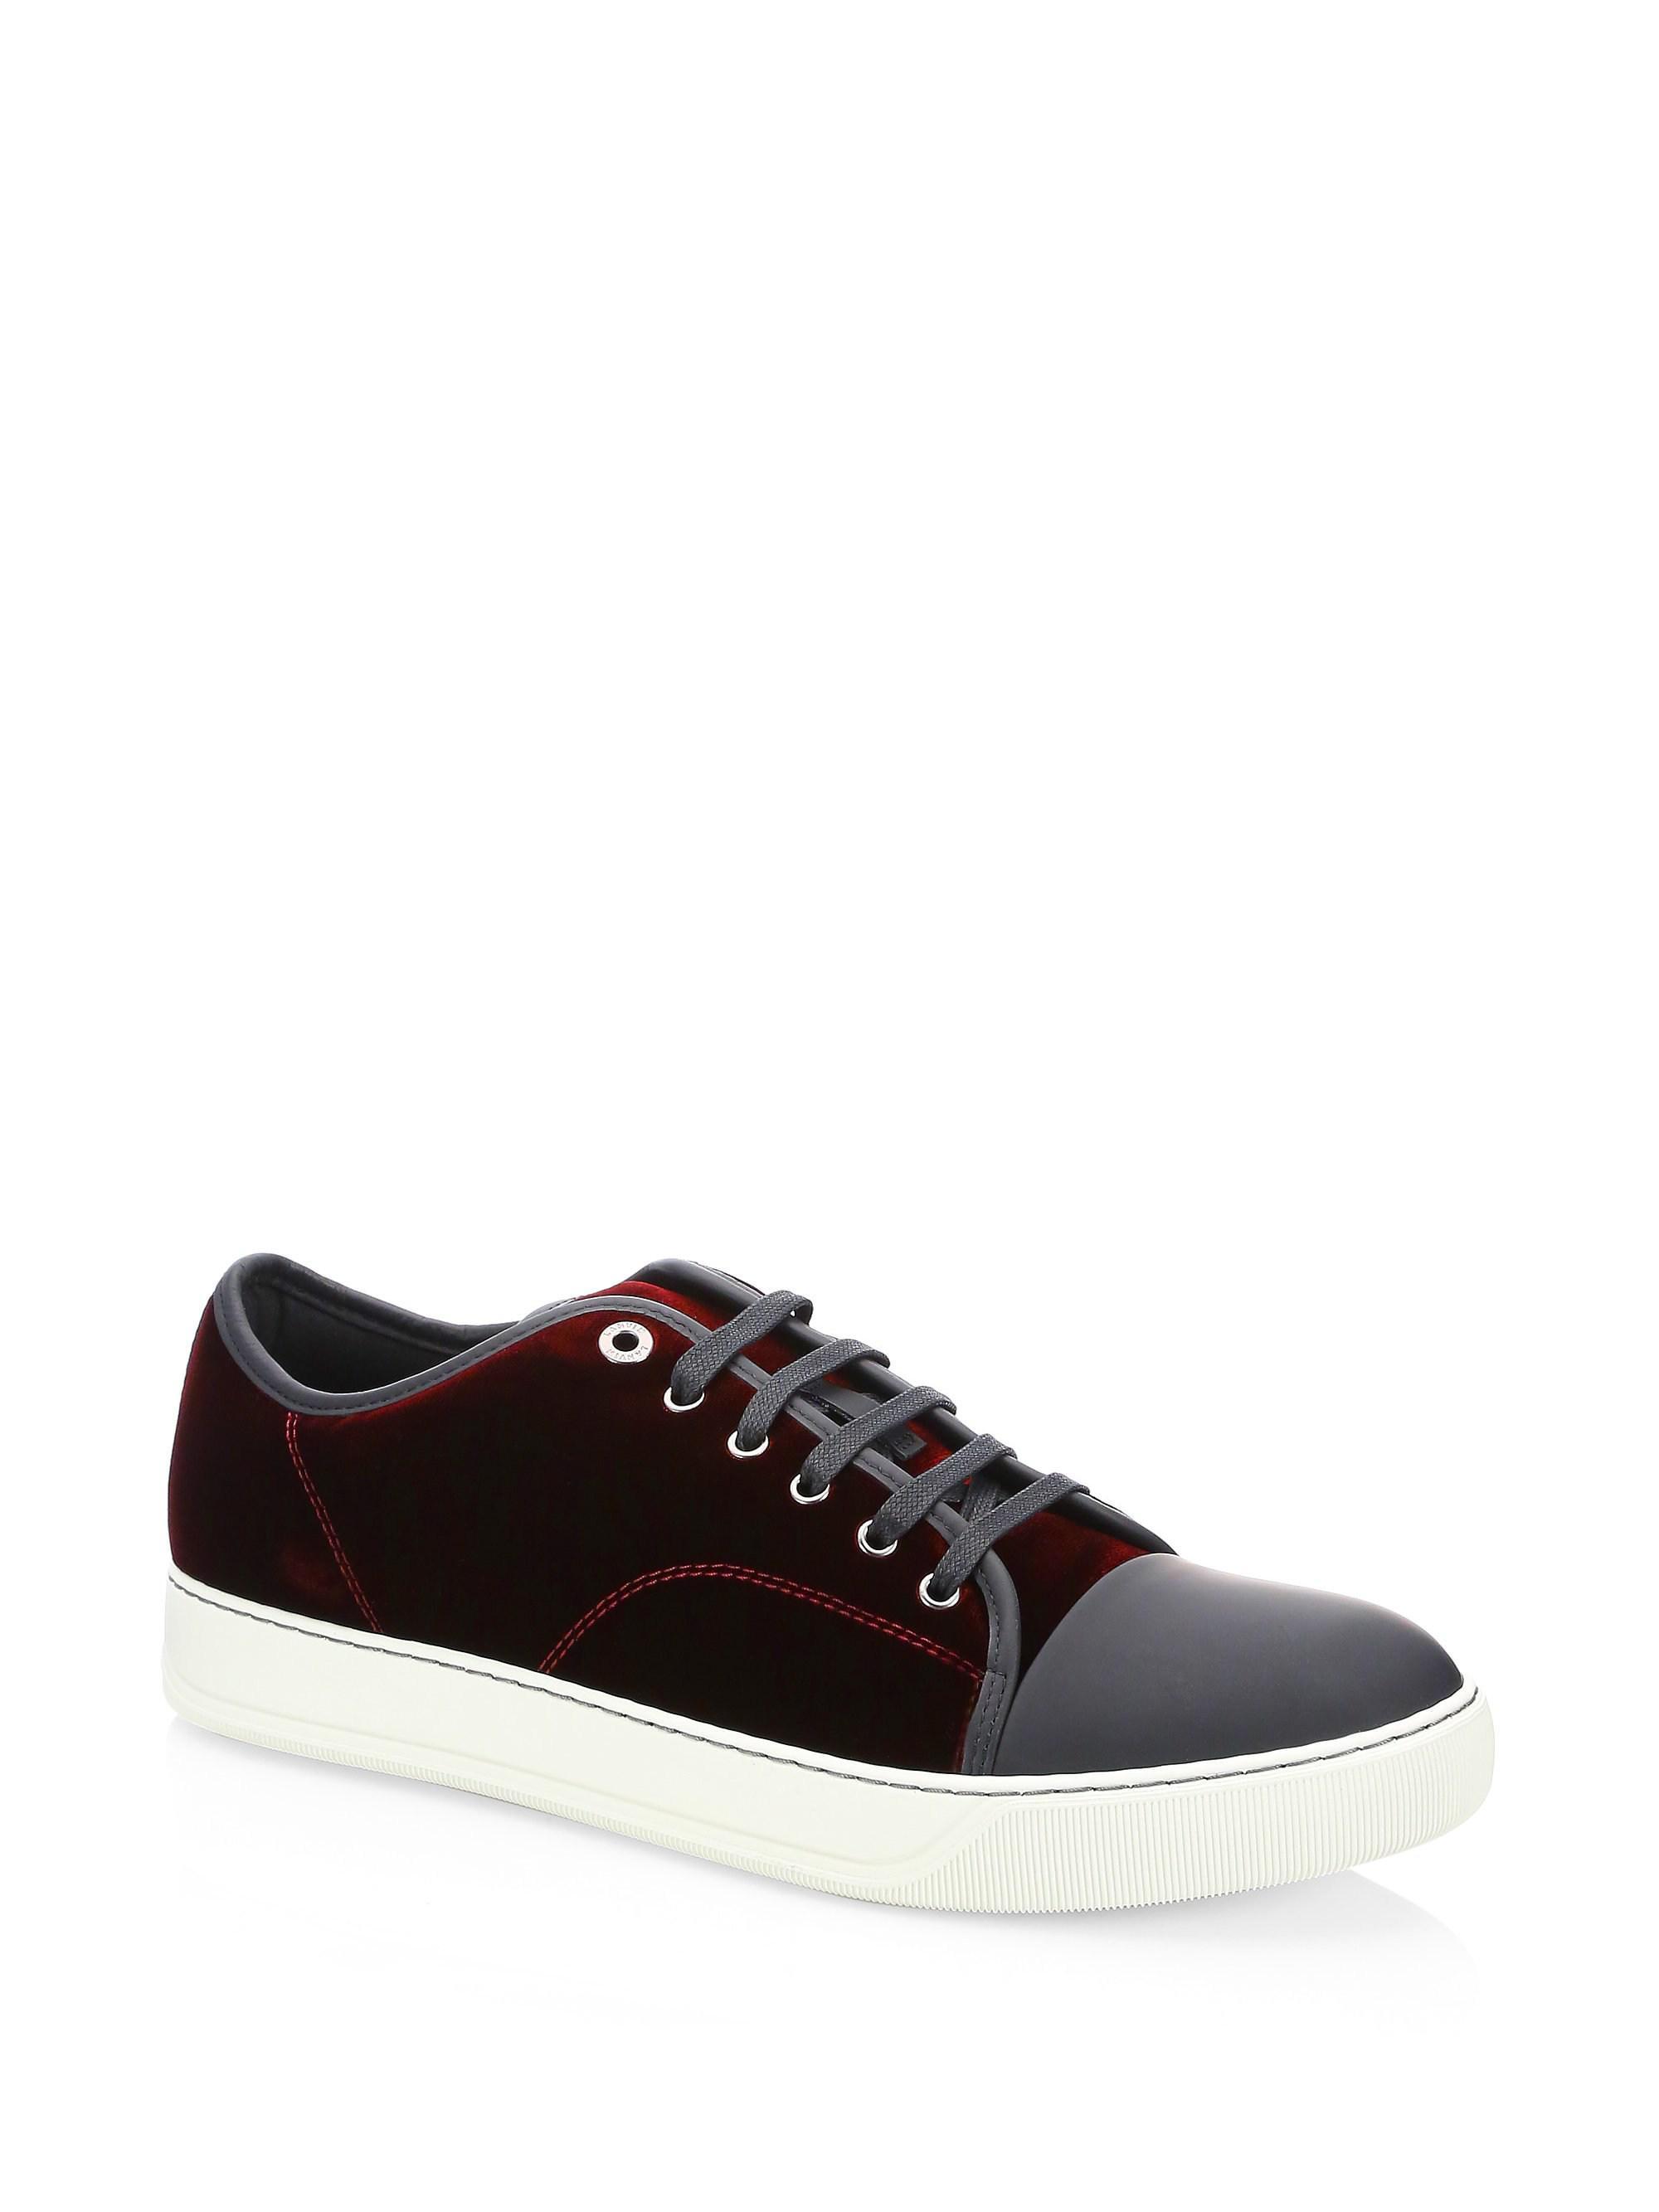 LanvinVelvet Lace Up Sneakers Nea2yZi00